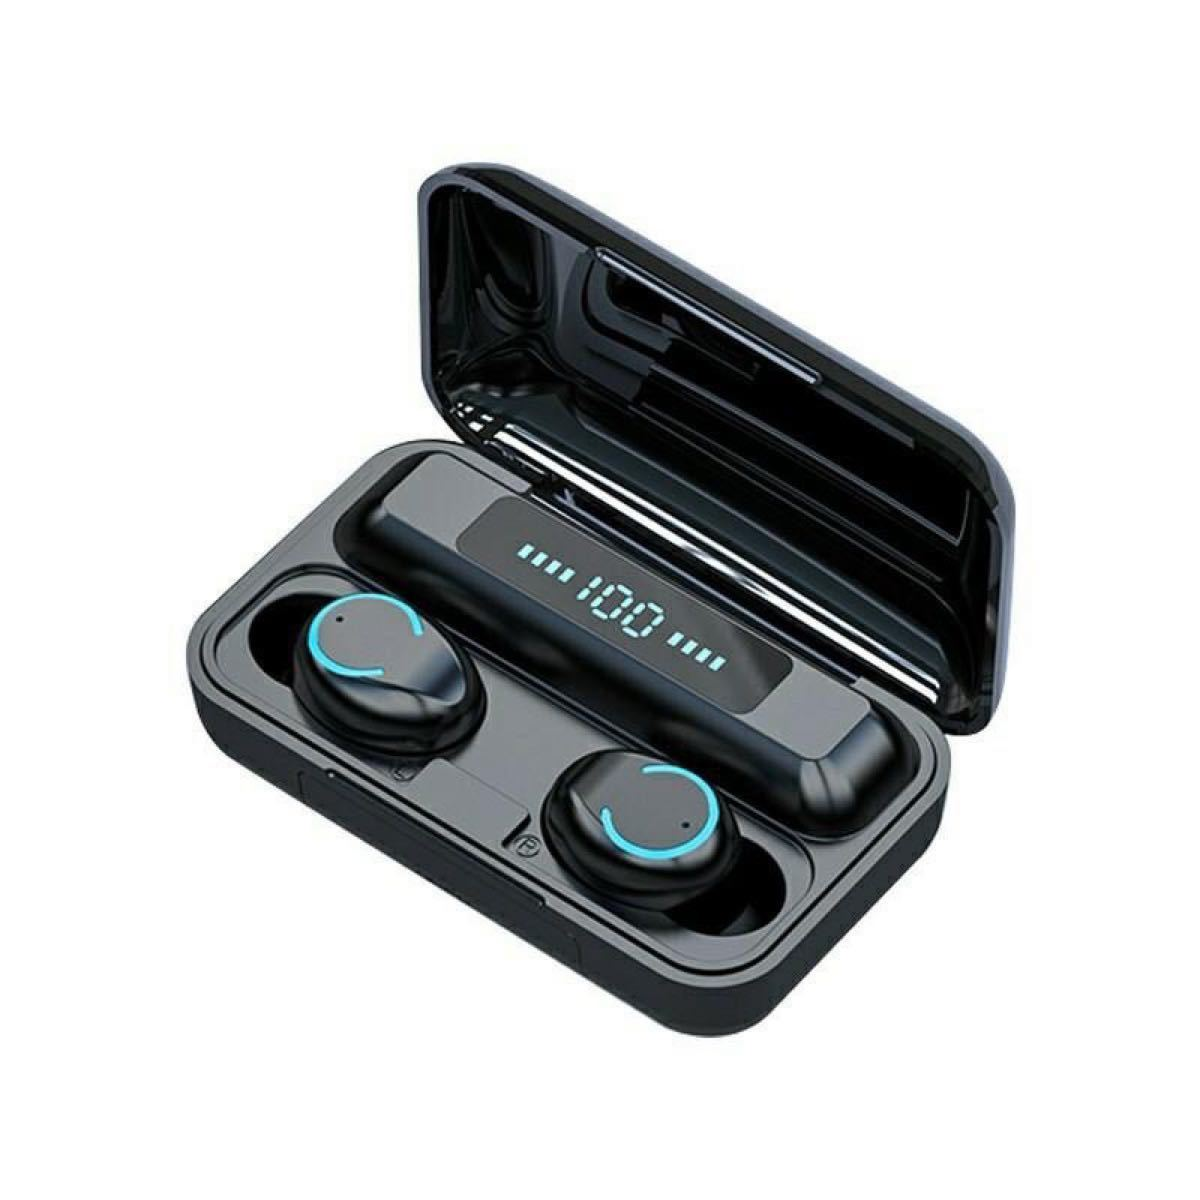 ワイヤレスイヤホン Bluetooth 高音質 イヤフォン モバイルバッテリー Bluetooth5.0 AirPods